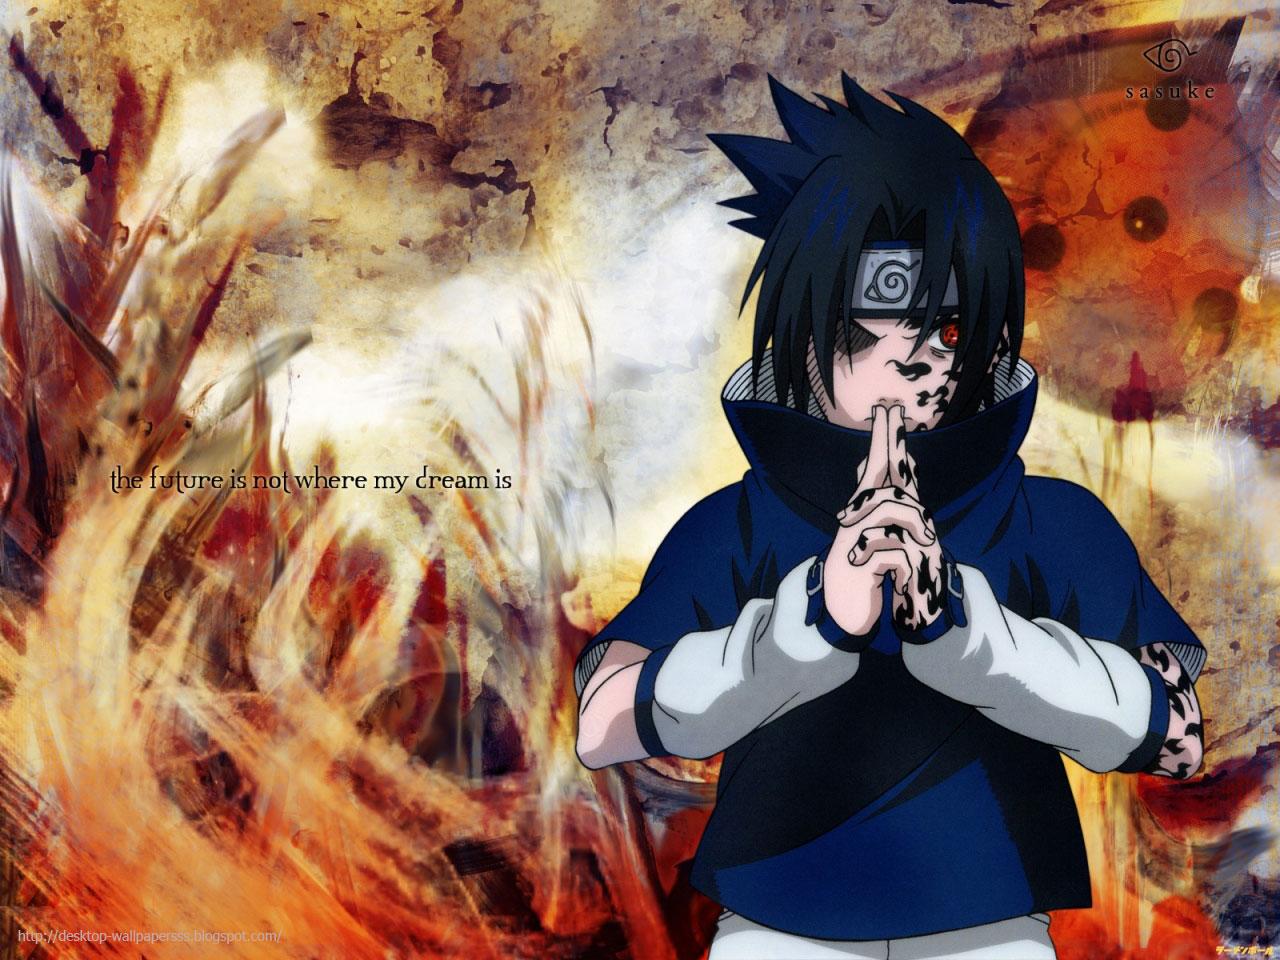 http://3.bp.blogspot.com/-KqTDJyXzv9A/UPJPgKFXPSI/AAAAAAAABPA/Zy4dNeqrdTk/s1600/Naruto-Wallpaper-japnese-anime-manga-wallpaper-(4).jpg